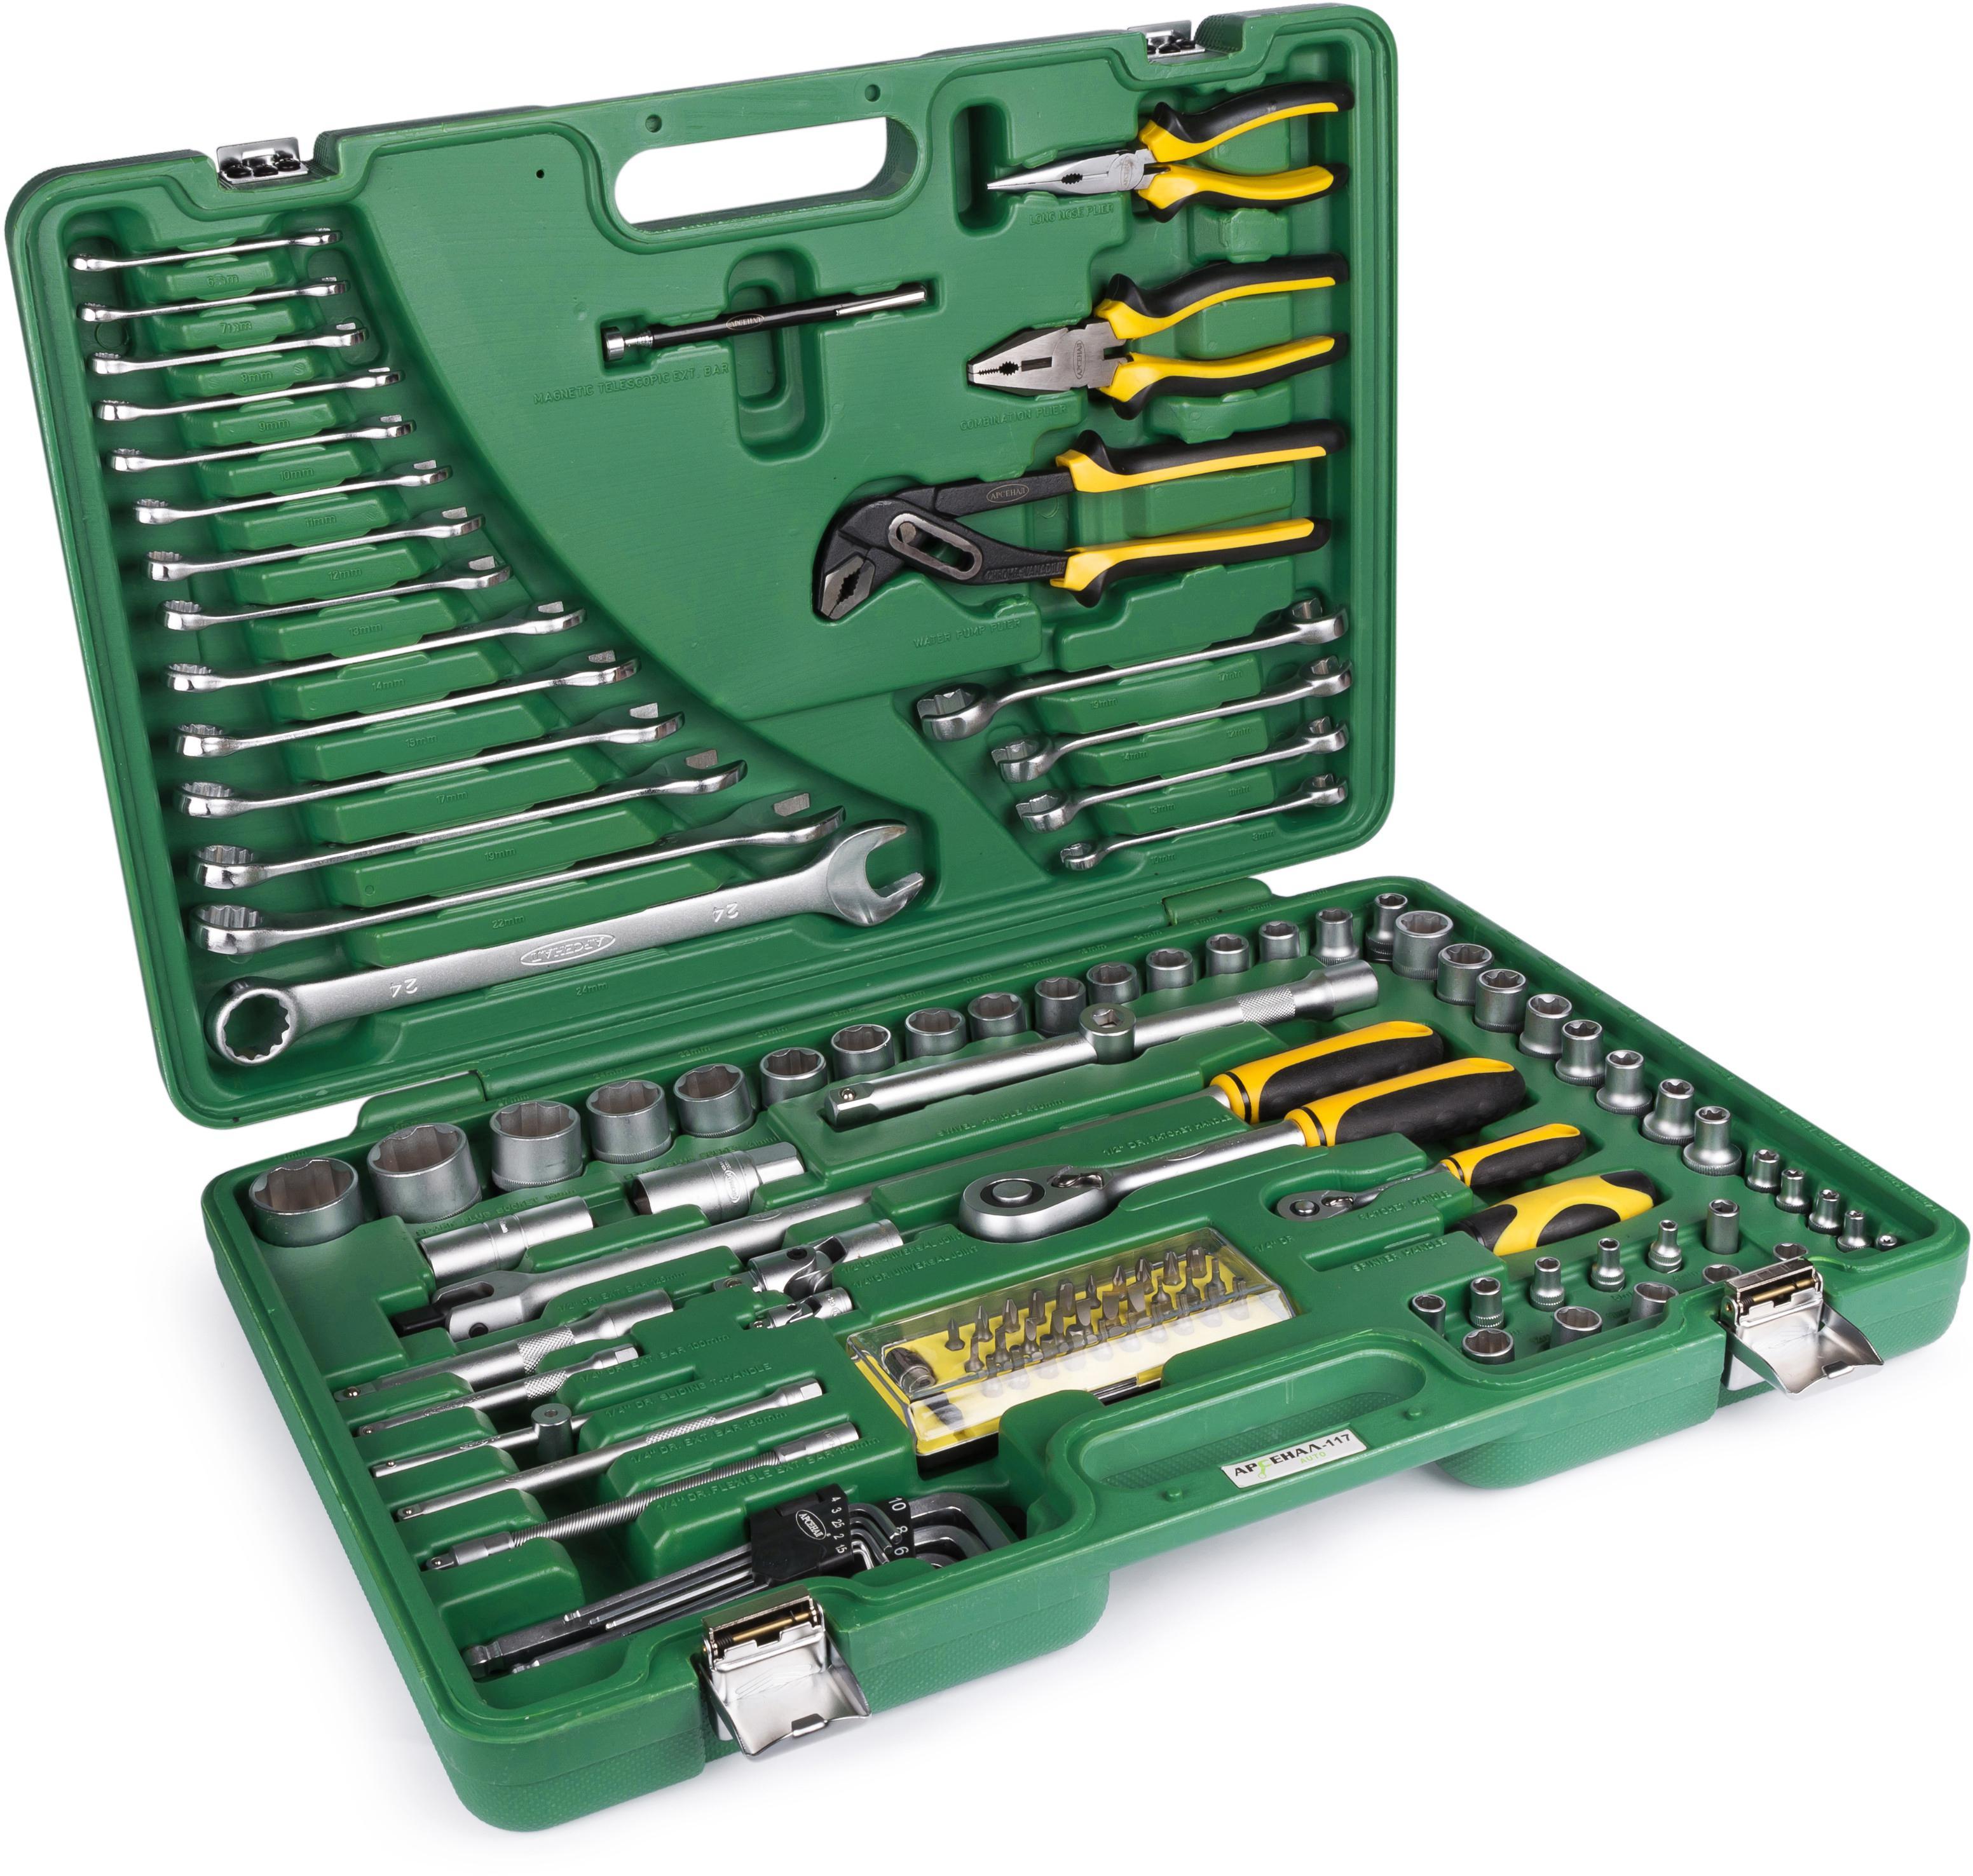 Набор инструментов универсальный АРСЕНАЛ Aa-c1412p117 набор инструментов универсальный арсенал aa c1412p121